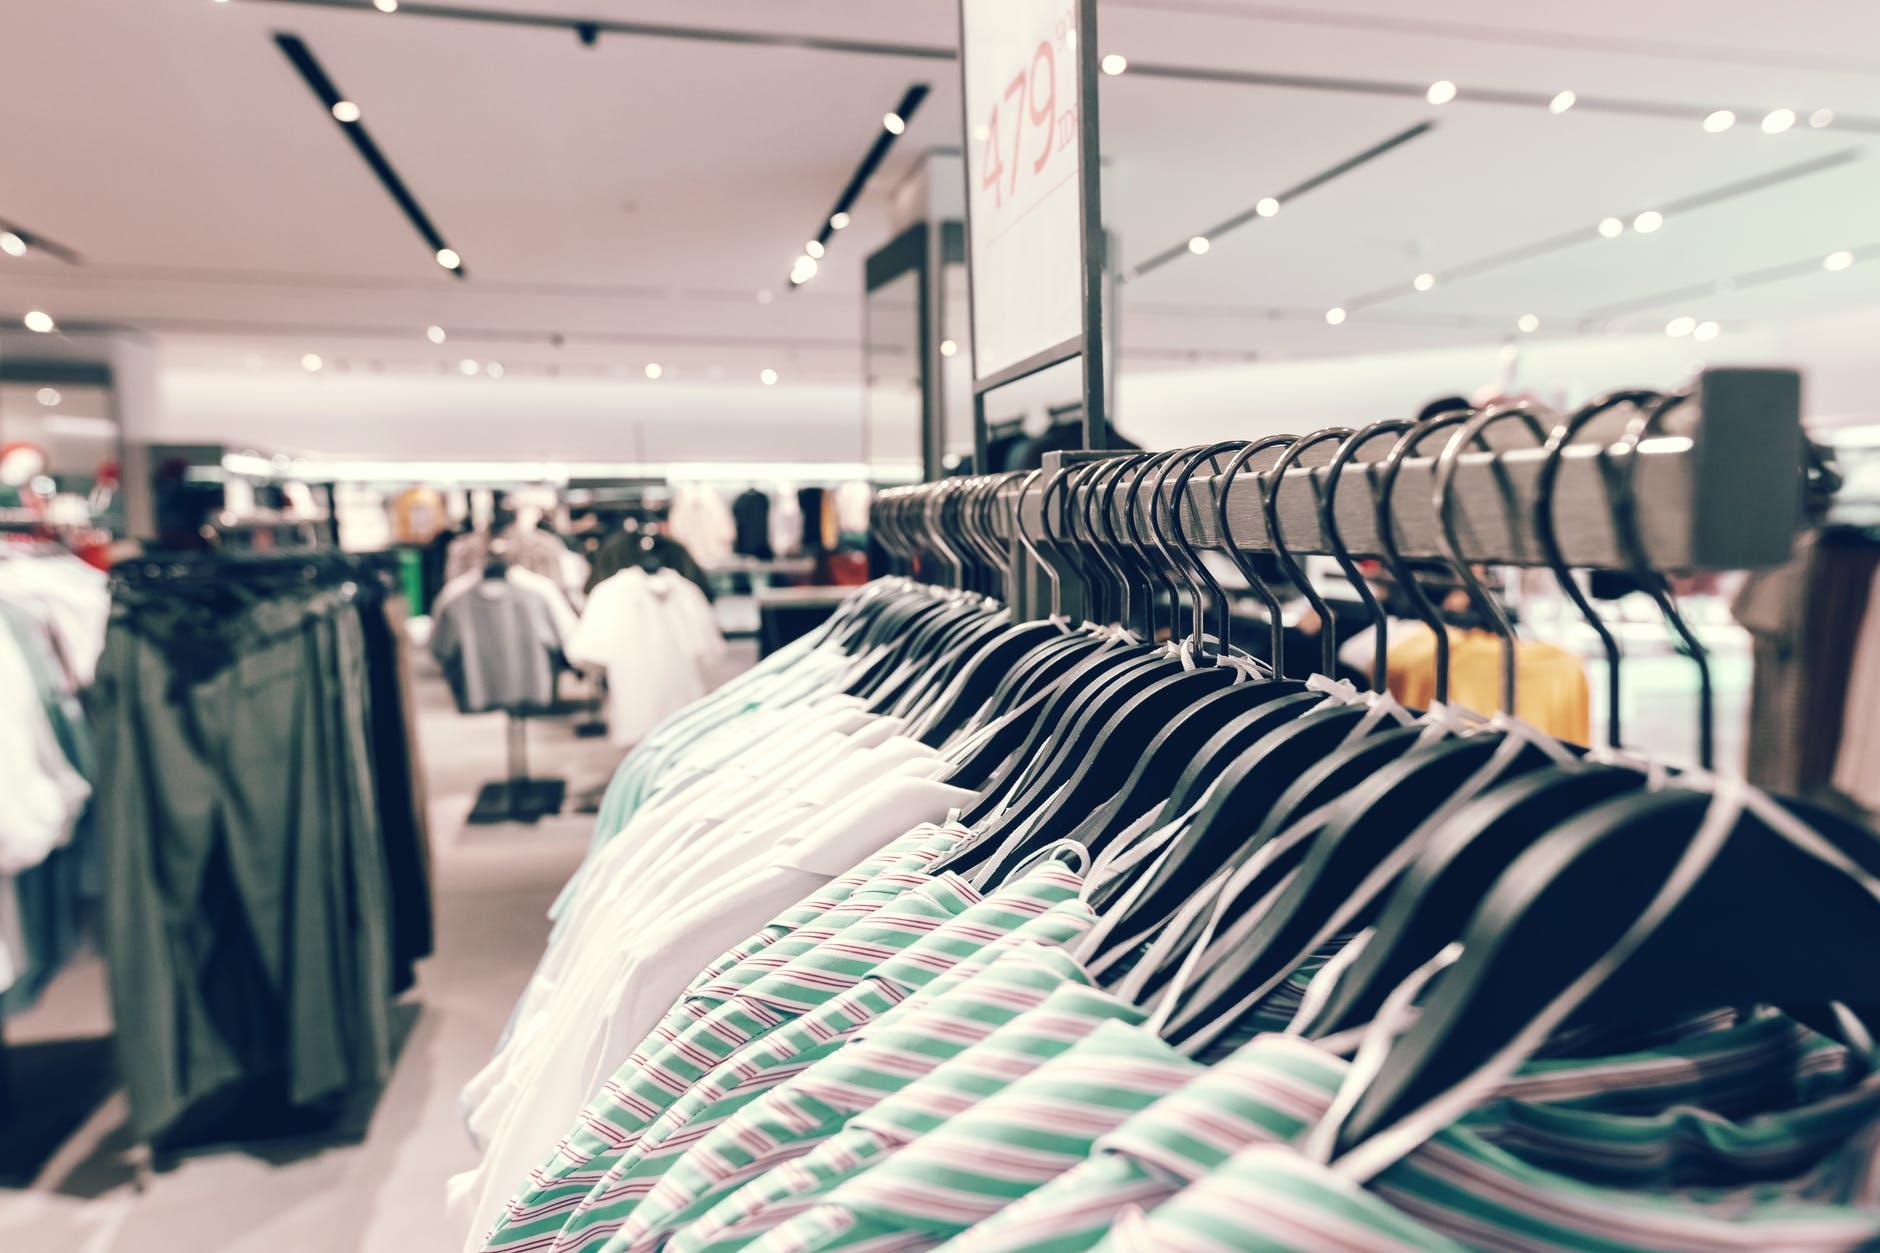 백화점에서 옷을 구매할 때 장점